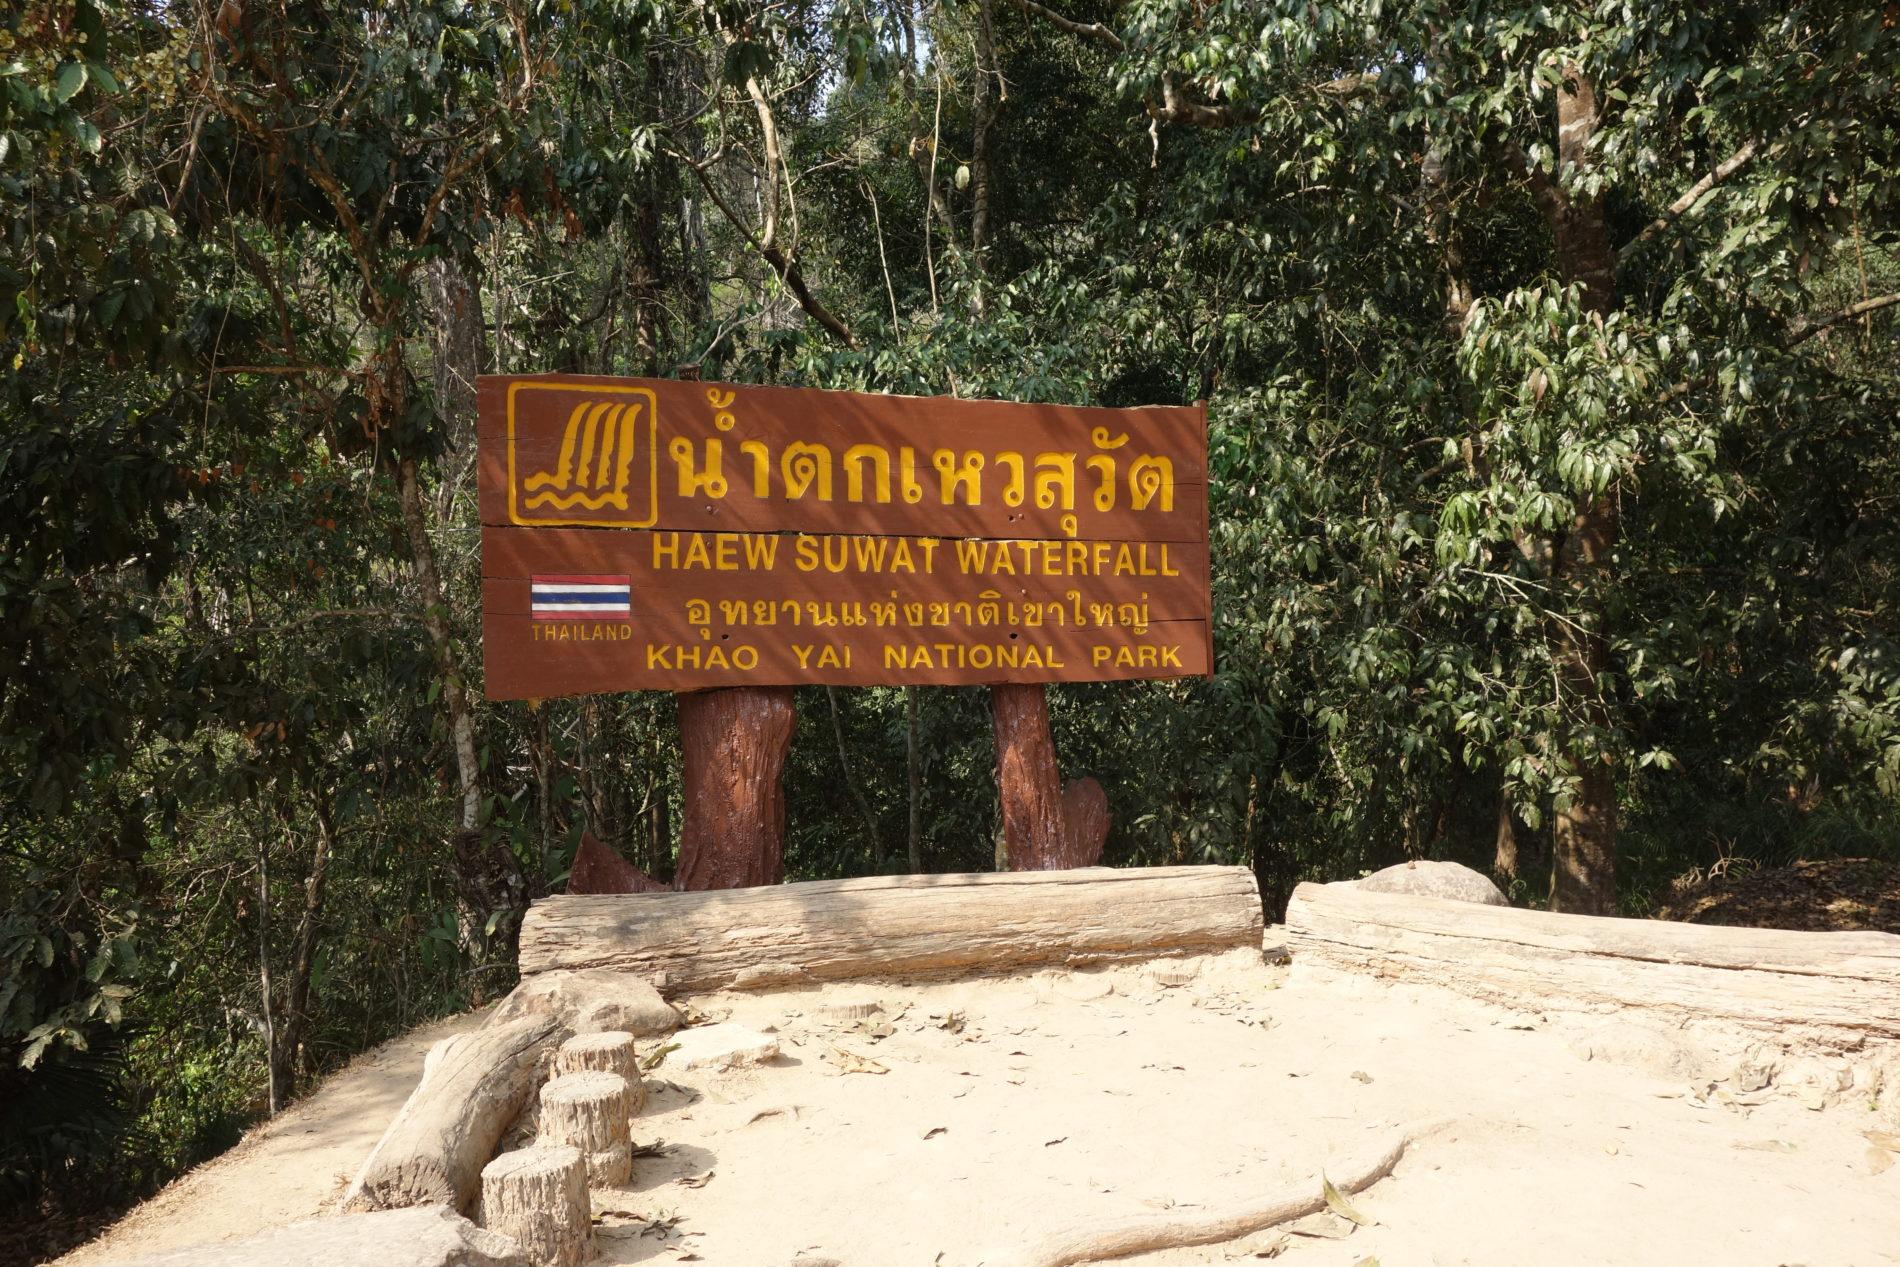 カオヤイ国立公園 HAEW SUWATの滝